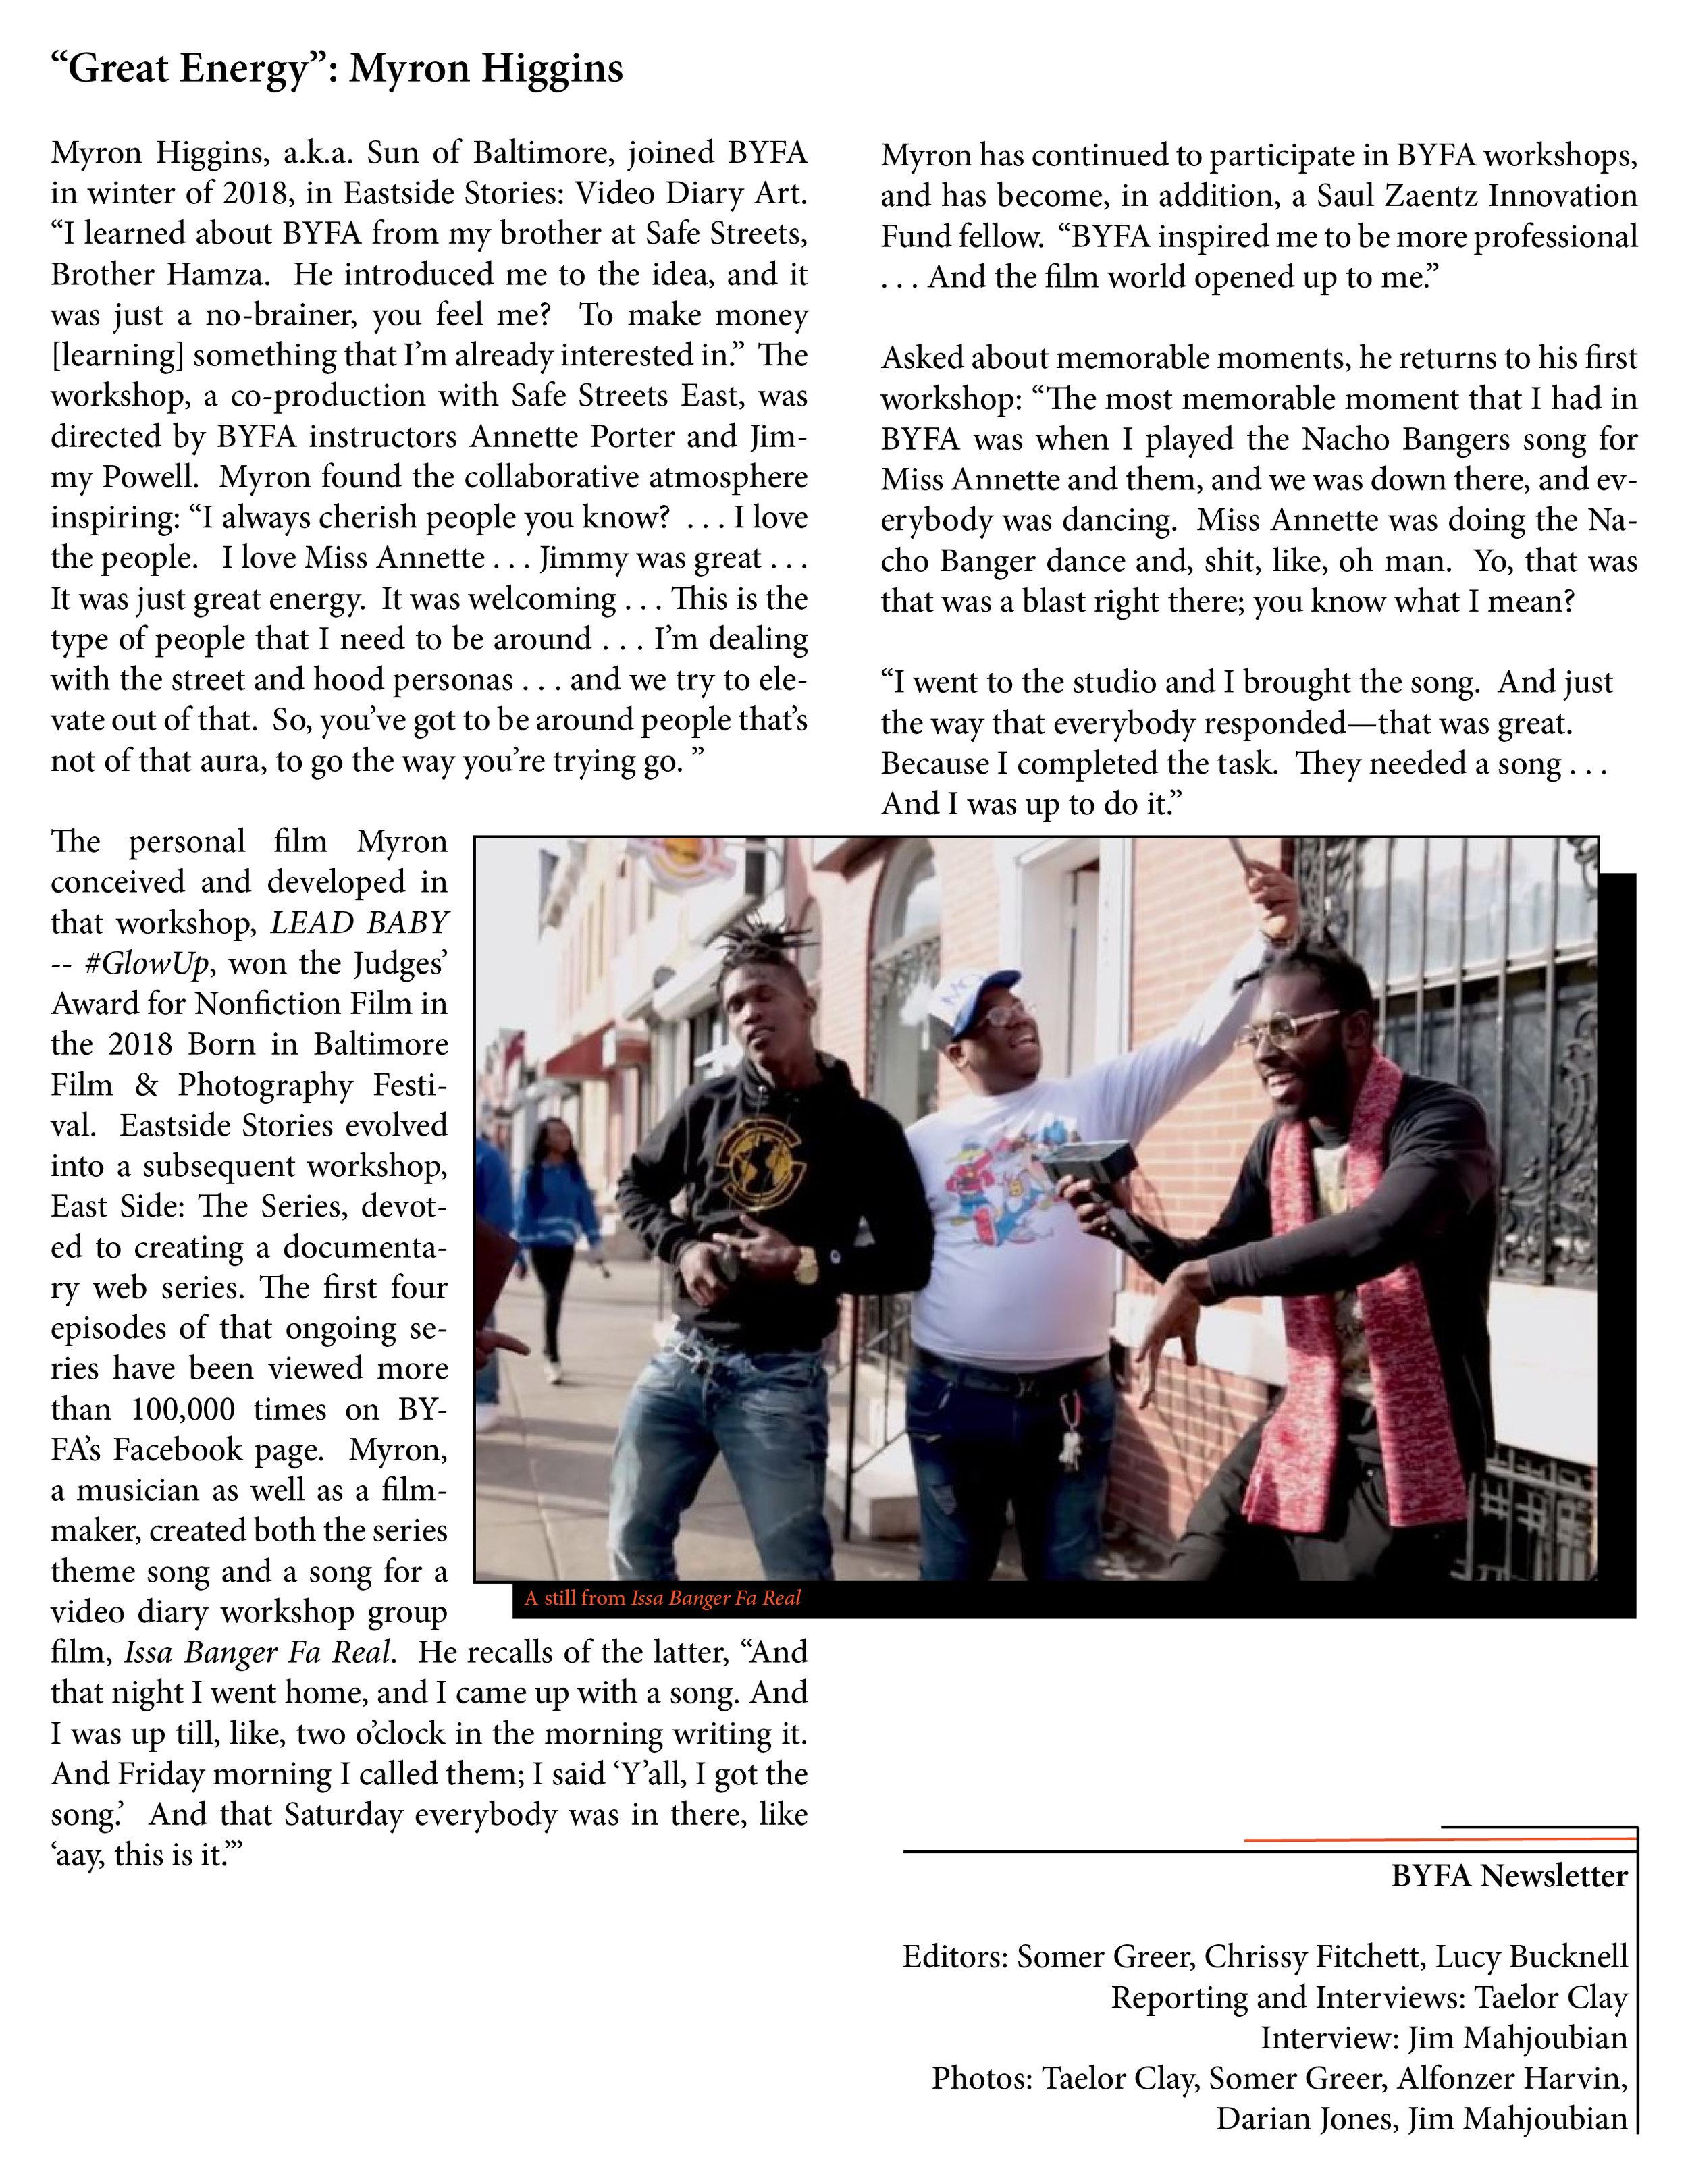 Newsletter_Issue1_7.jpg